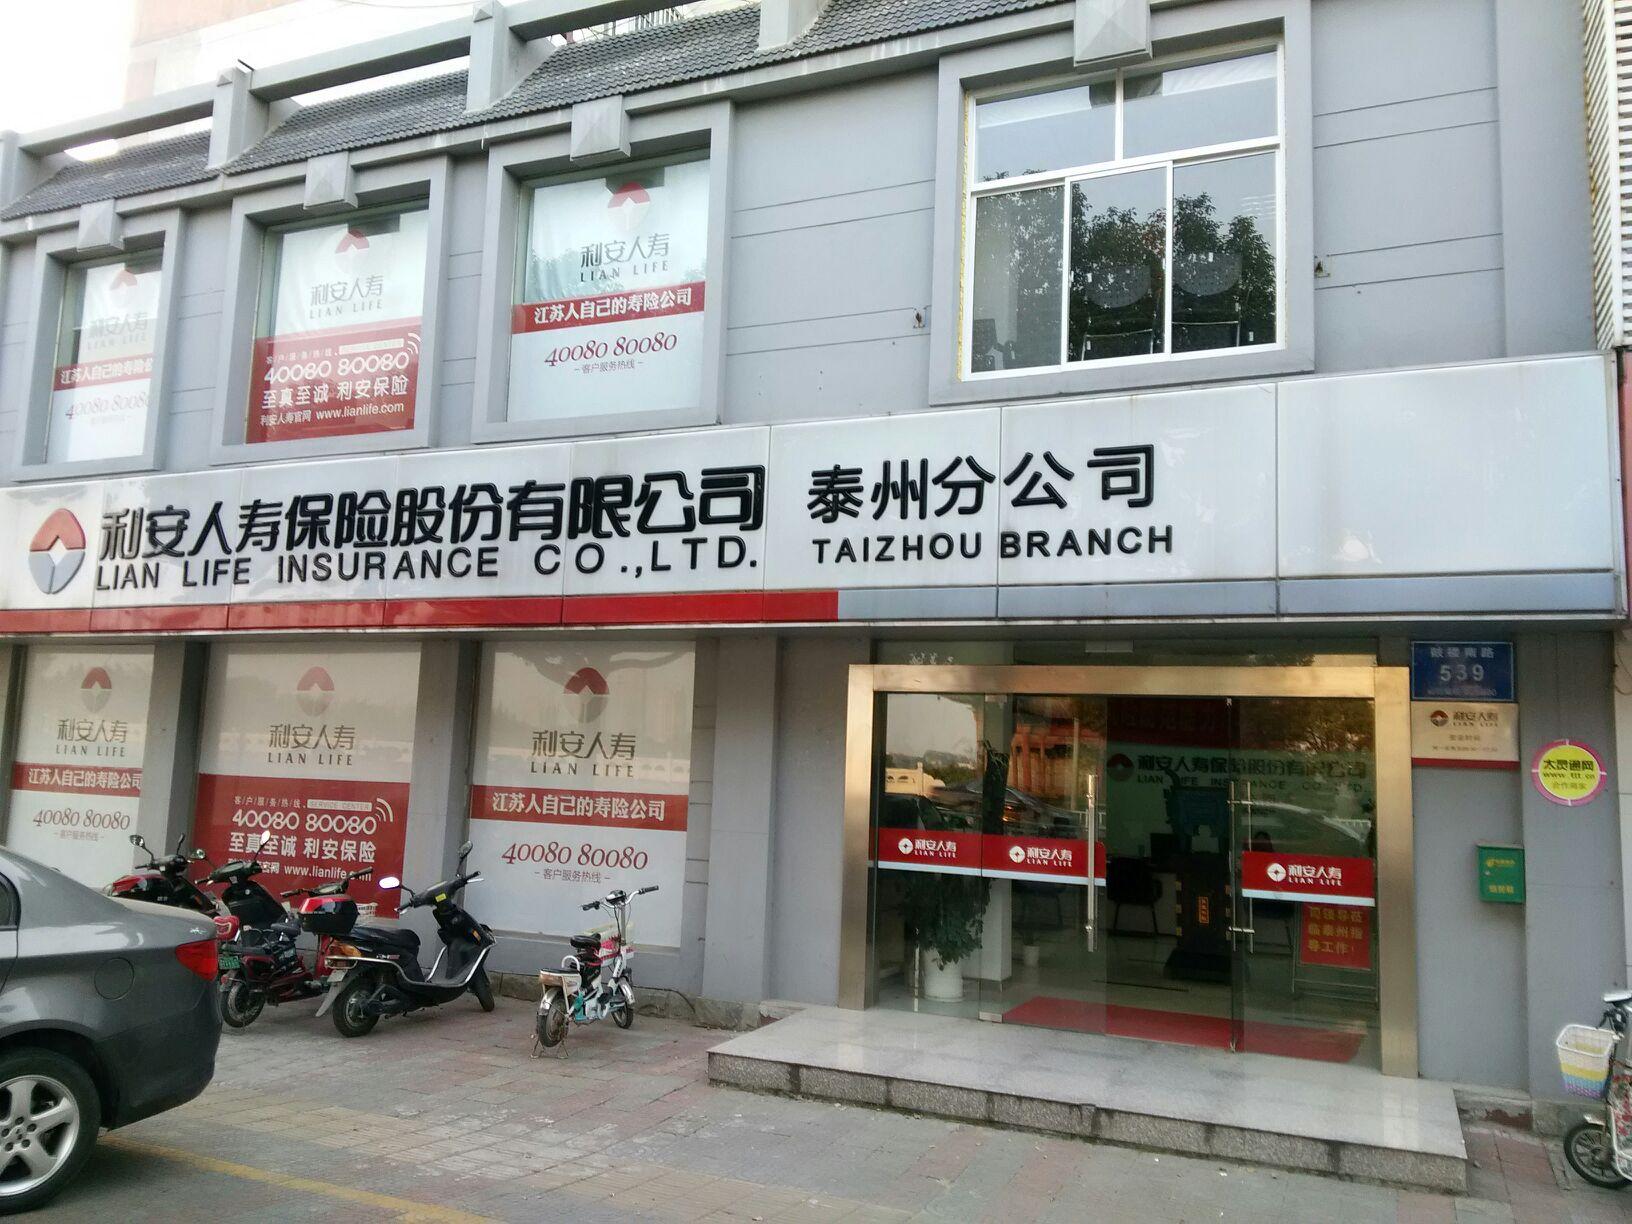 利安人寿 泰州分公司